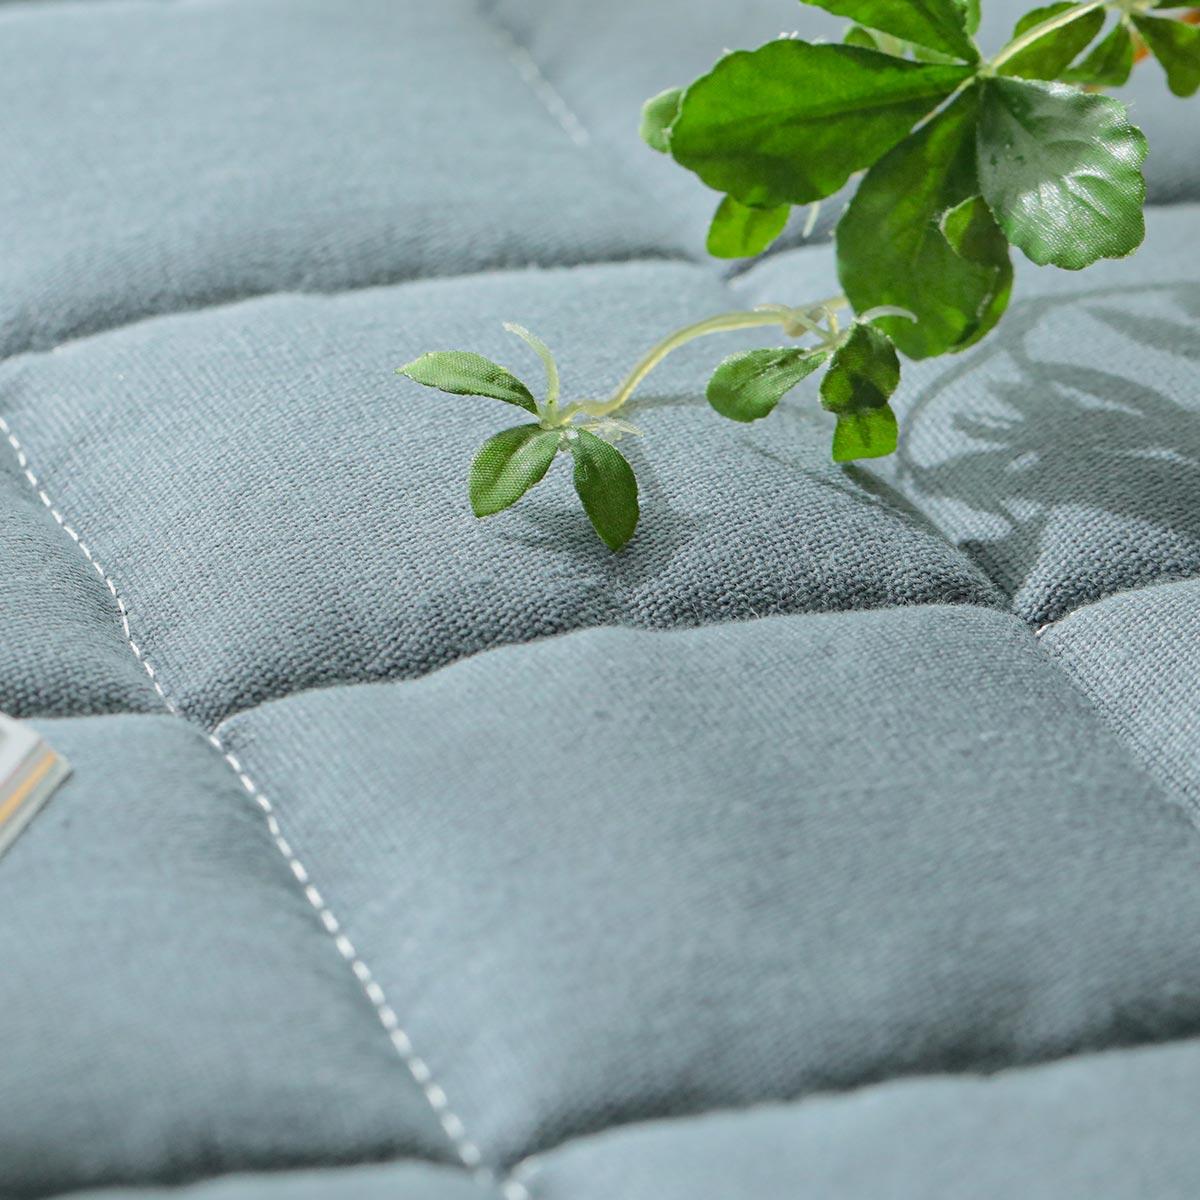 爽やかで優しい肌触りの綿100%素材。丈夫なチノクロス。